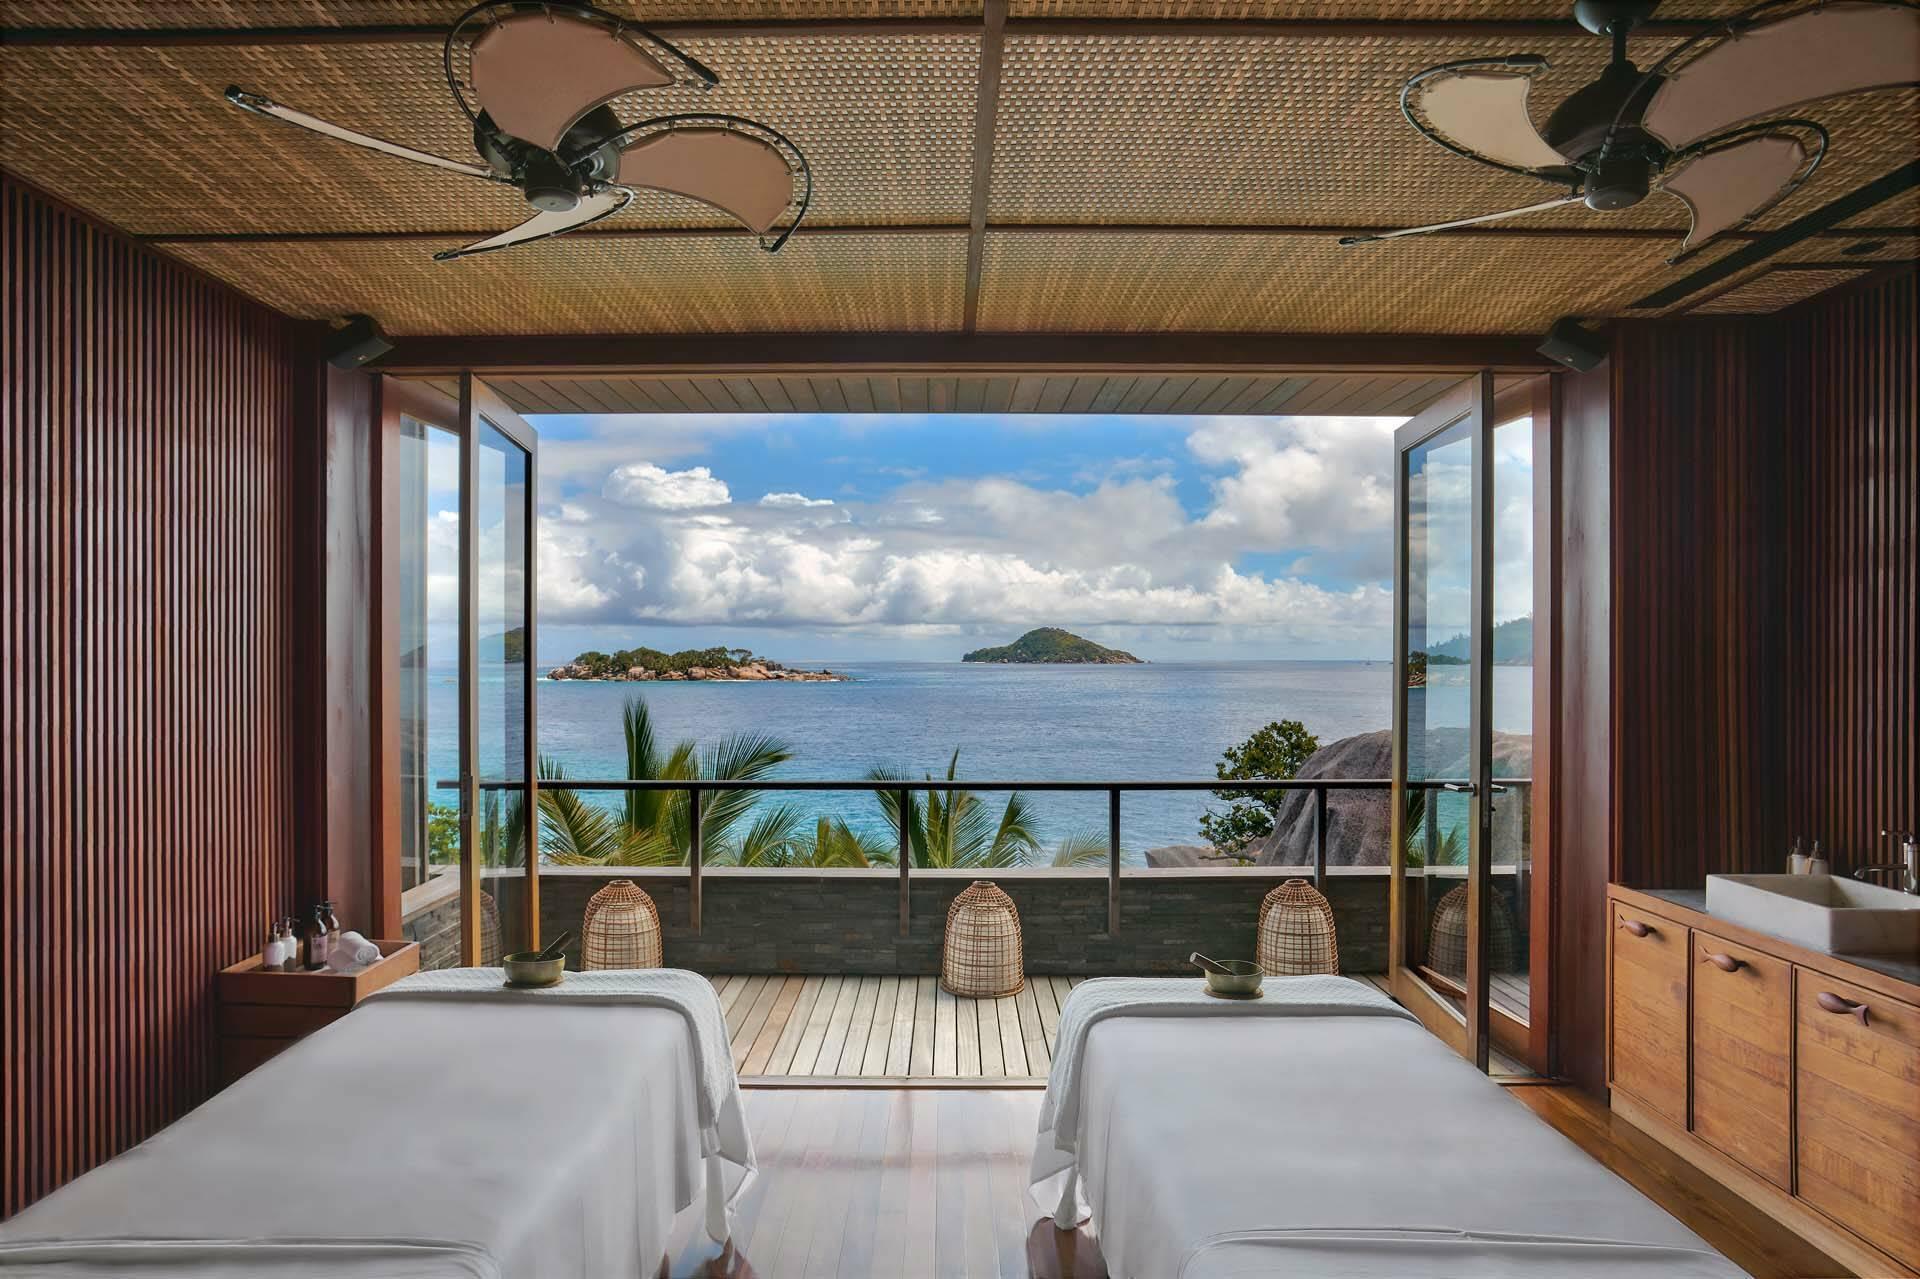 Seychelles Six Senses Zil Pasyon spa treatment